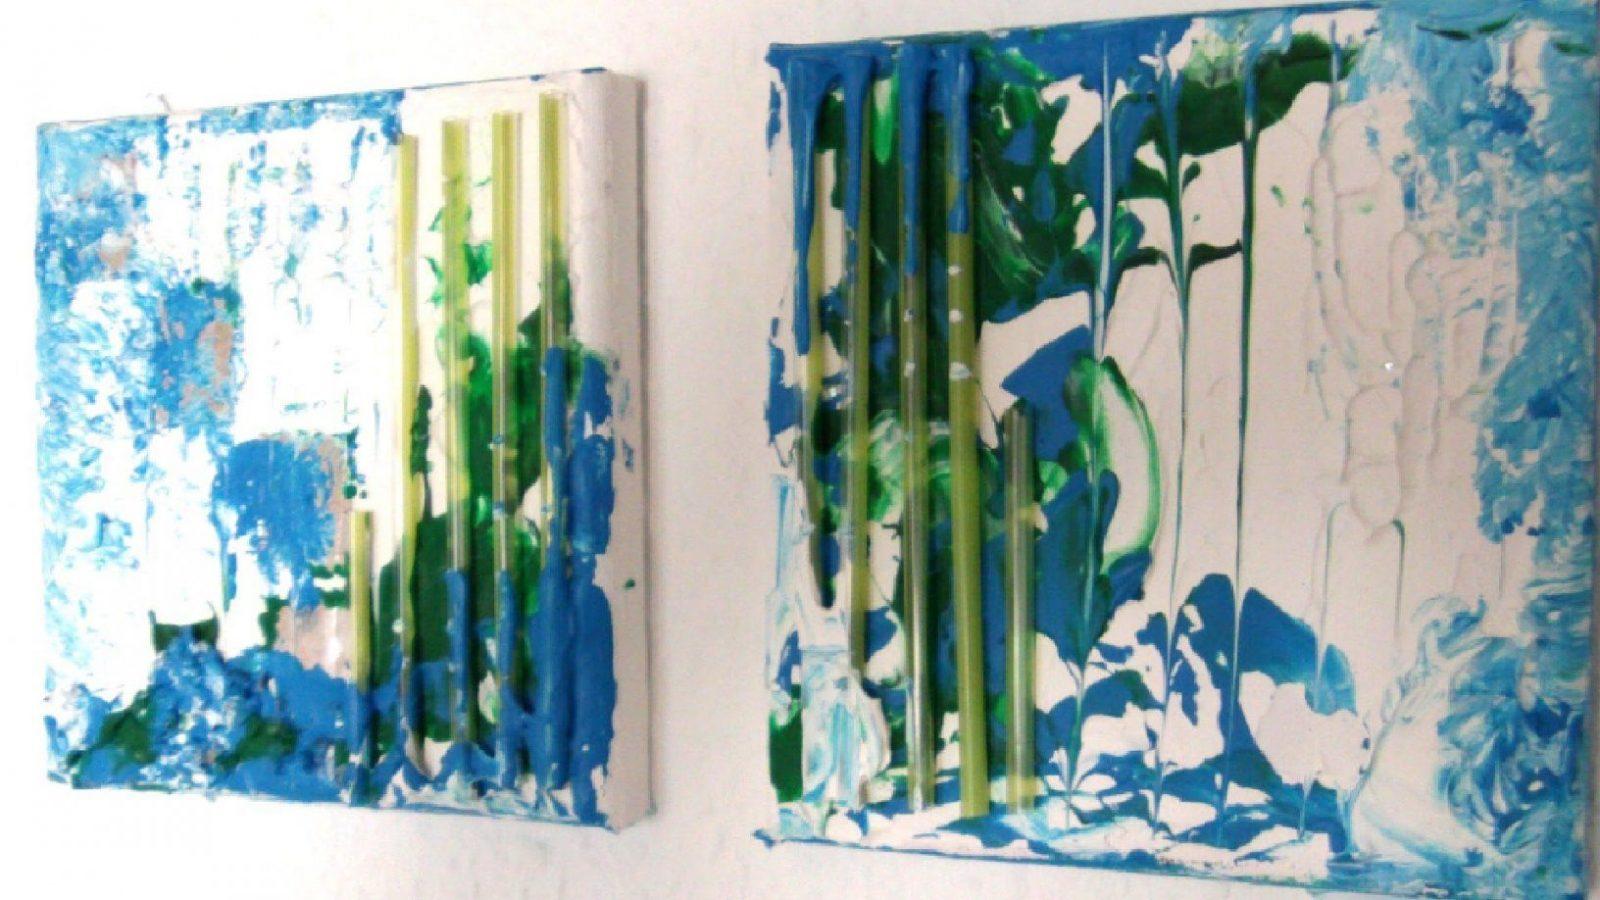 Luxus Leinwandbilder Selber Malen Vorlagen Schema von Leinwandbilder Selber Malen Vorlagen Bild